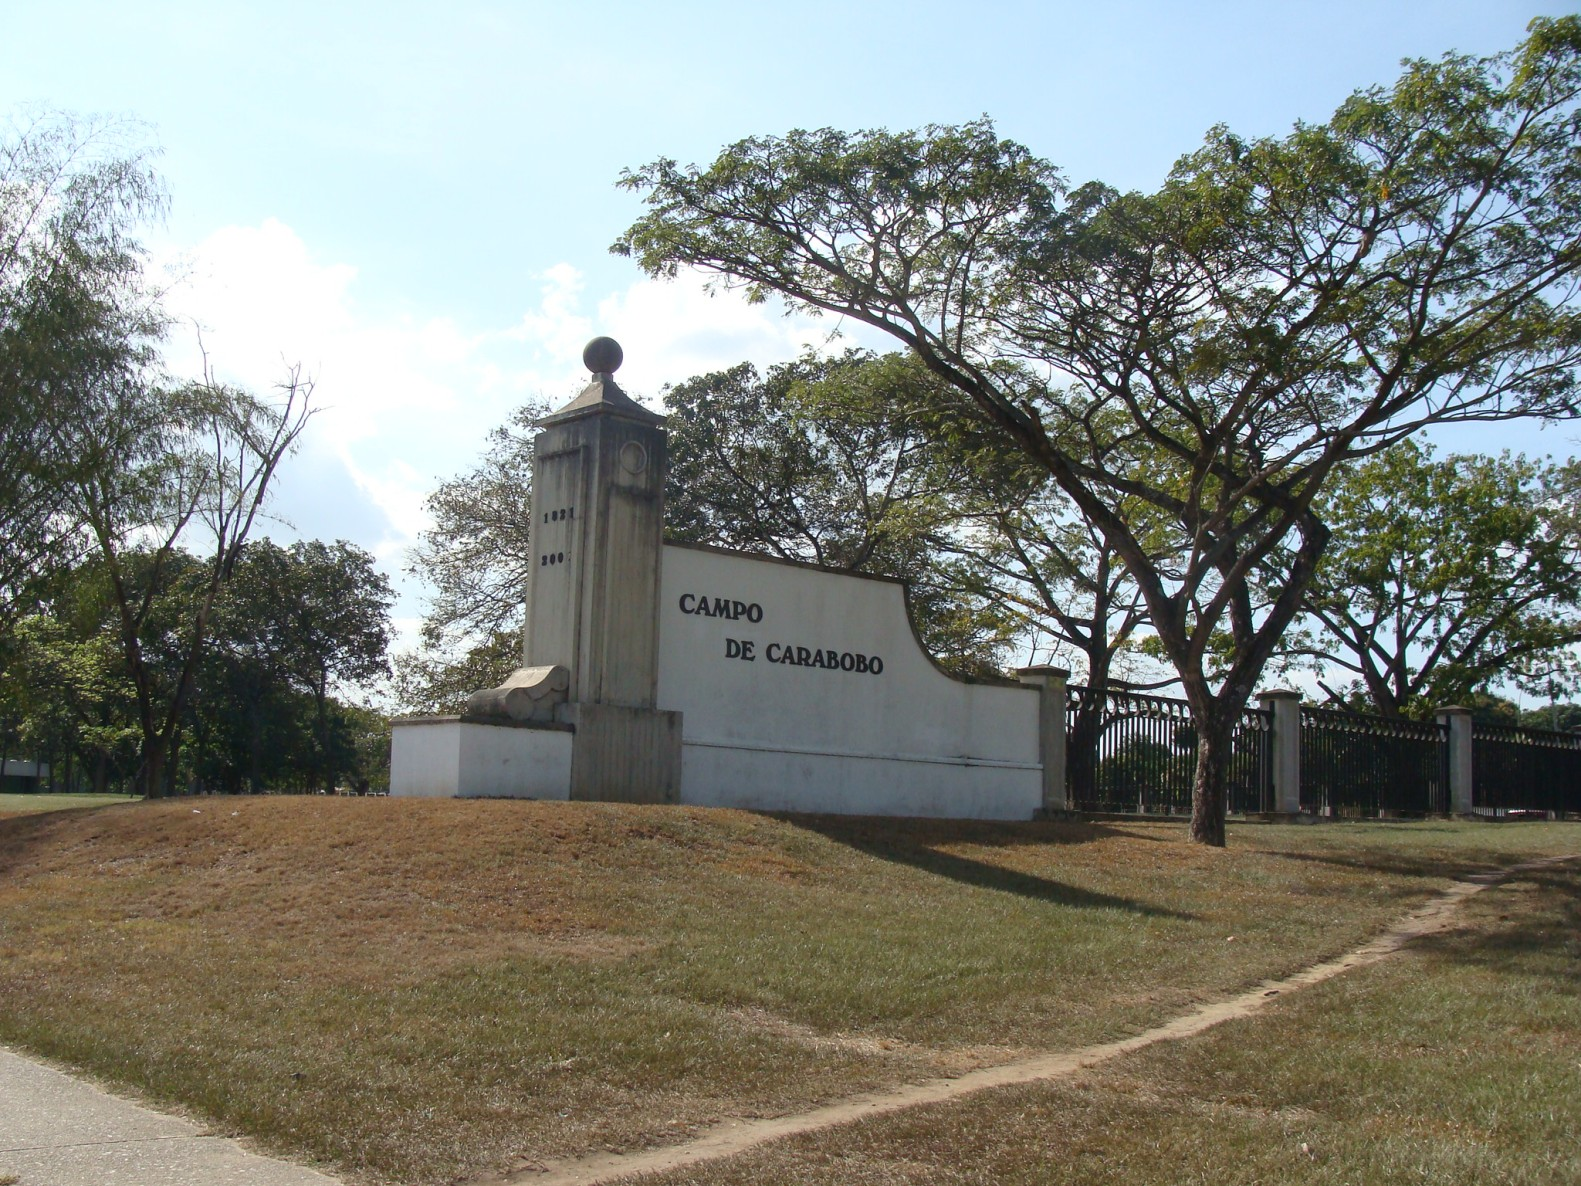 entrada del campo Carabobo